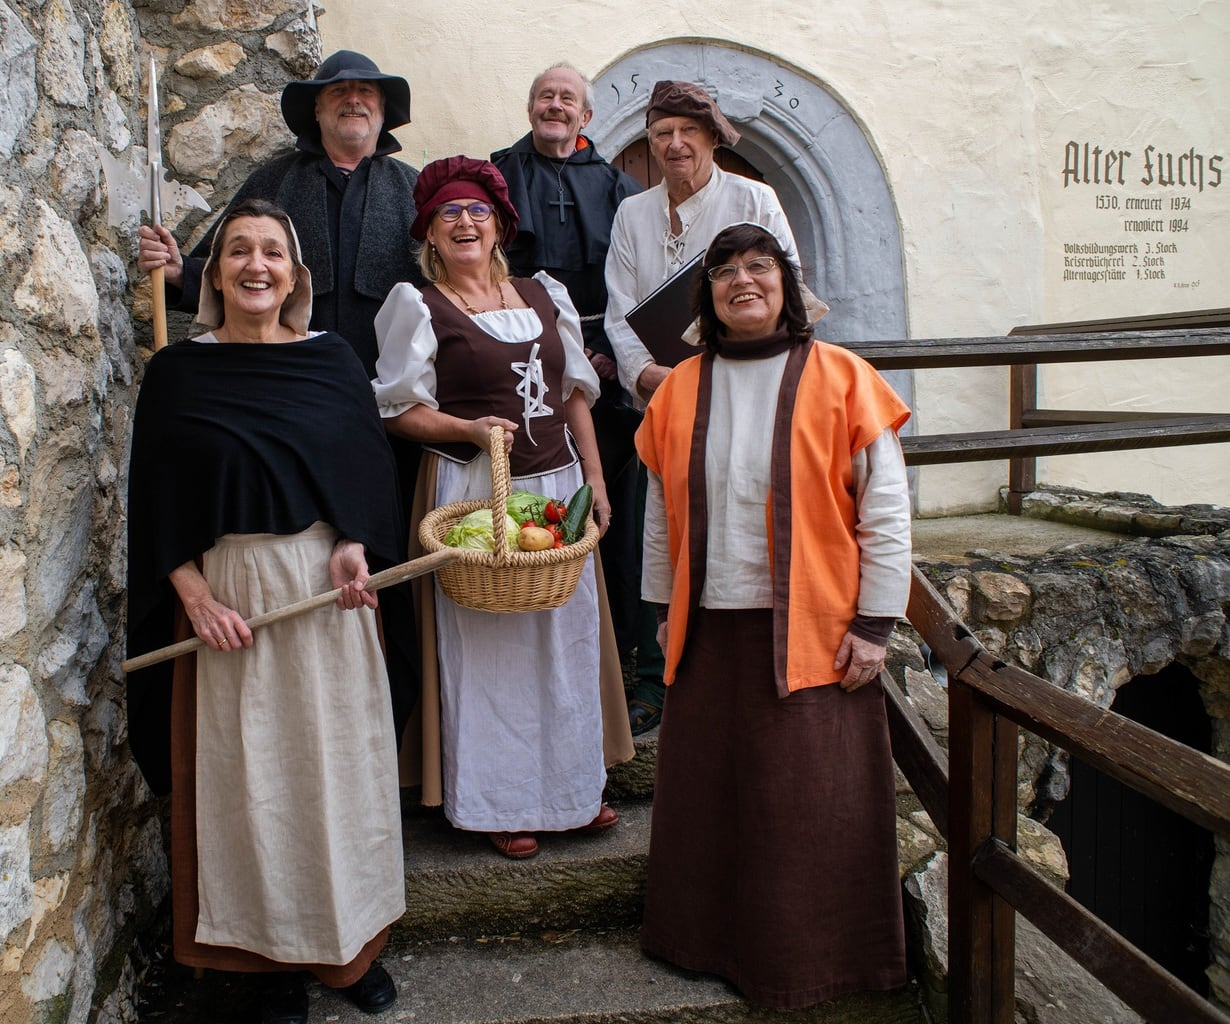 Barokke rondleidung in het stadje Mengen in Baden-Wuerttemberg